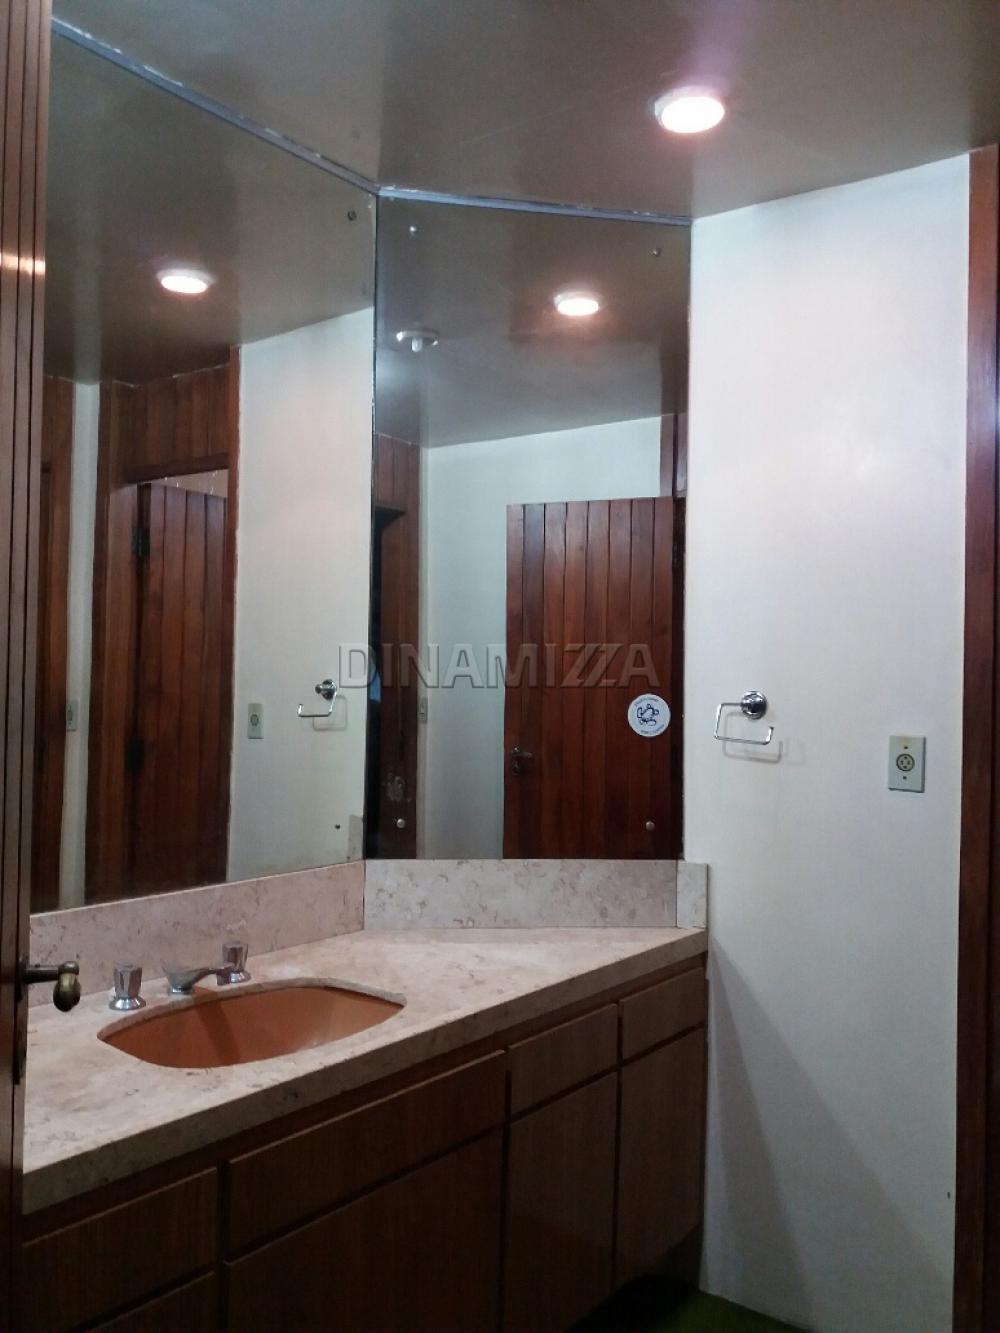 Comprar Casa / Padrão em Condomínio em Uberaba R$ 1.650.000,00 - Foto 21